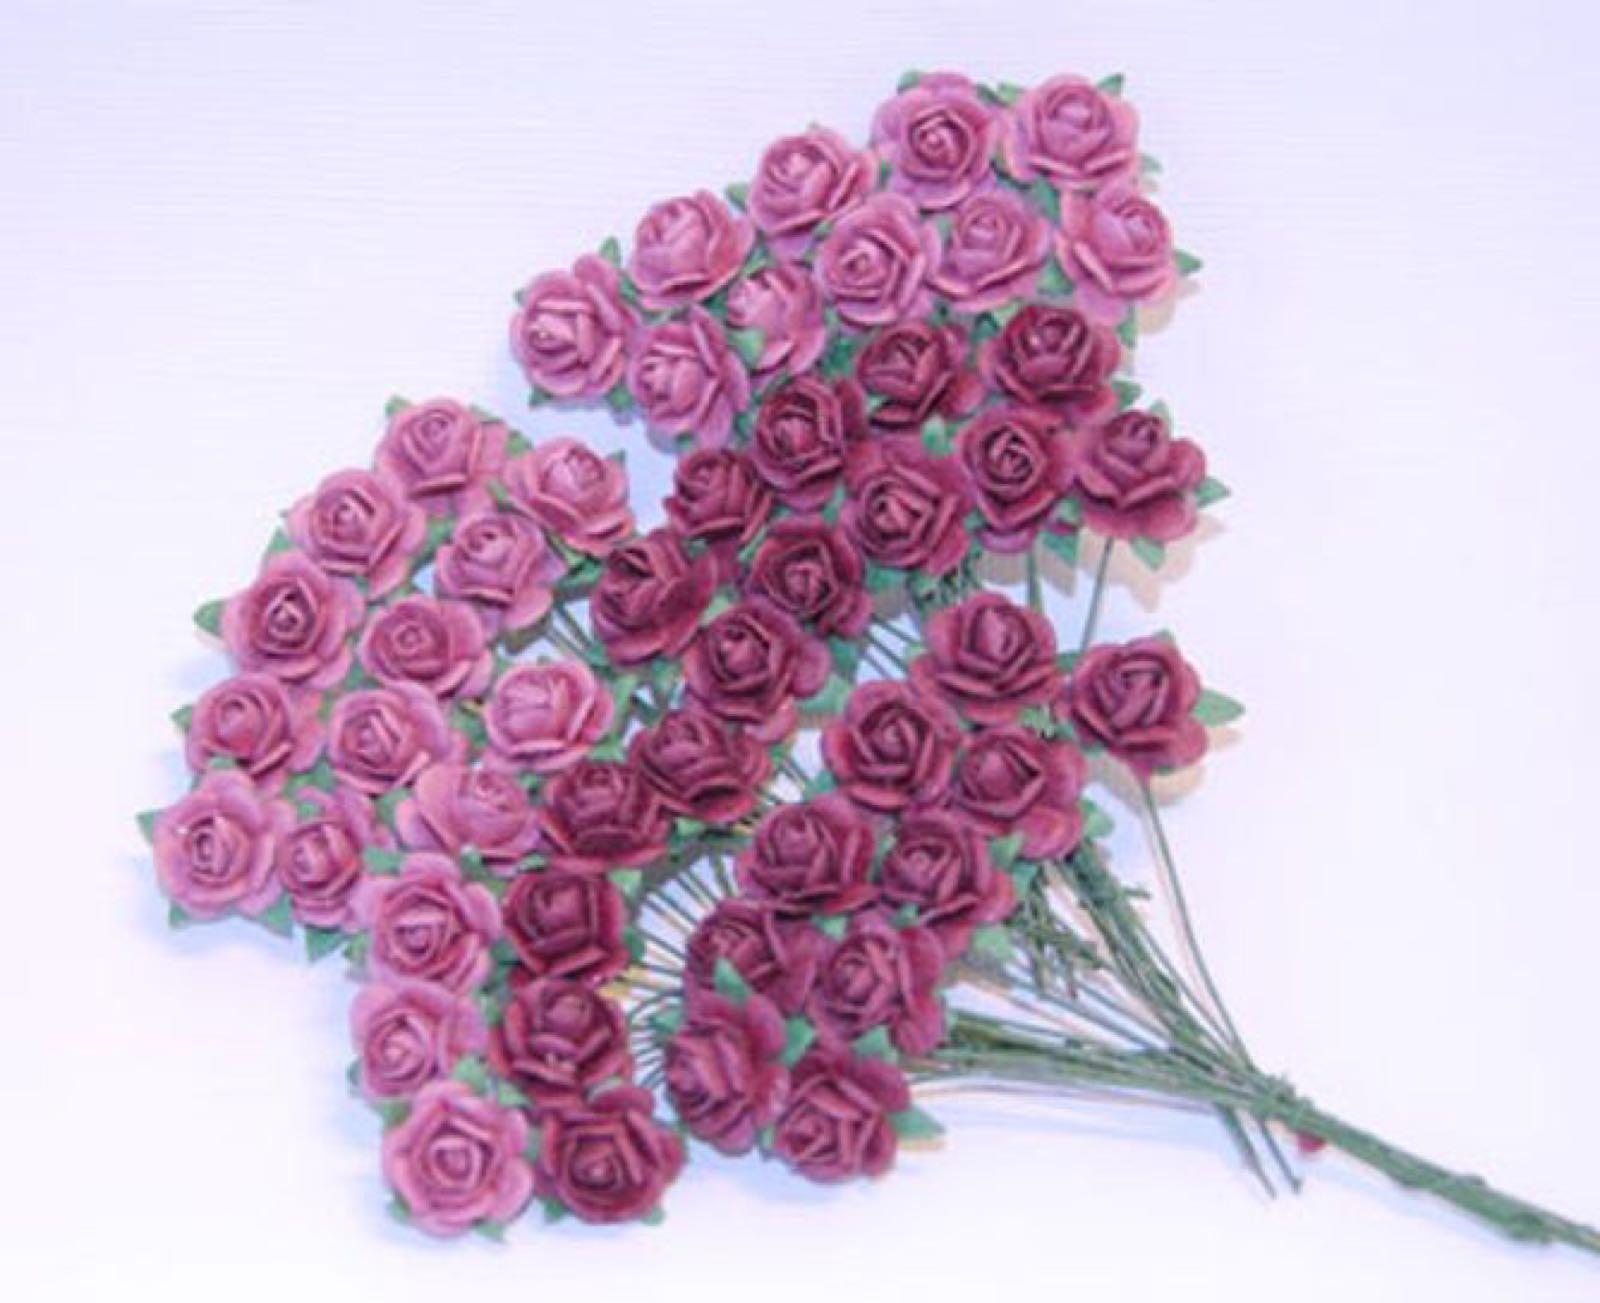 Papirdesign blomster, roser mellomlys-rosa/ mørk rosa (vintage), 1,2cm. 50 stk pr pk.